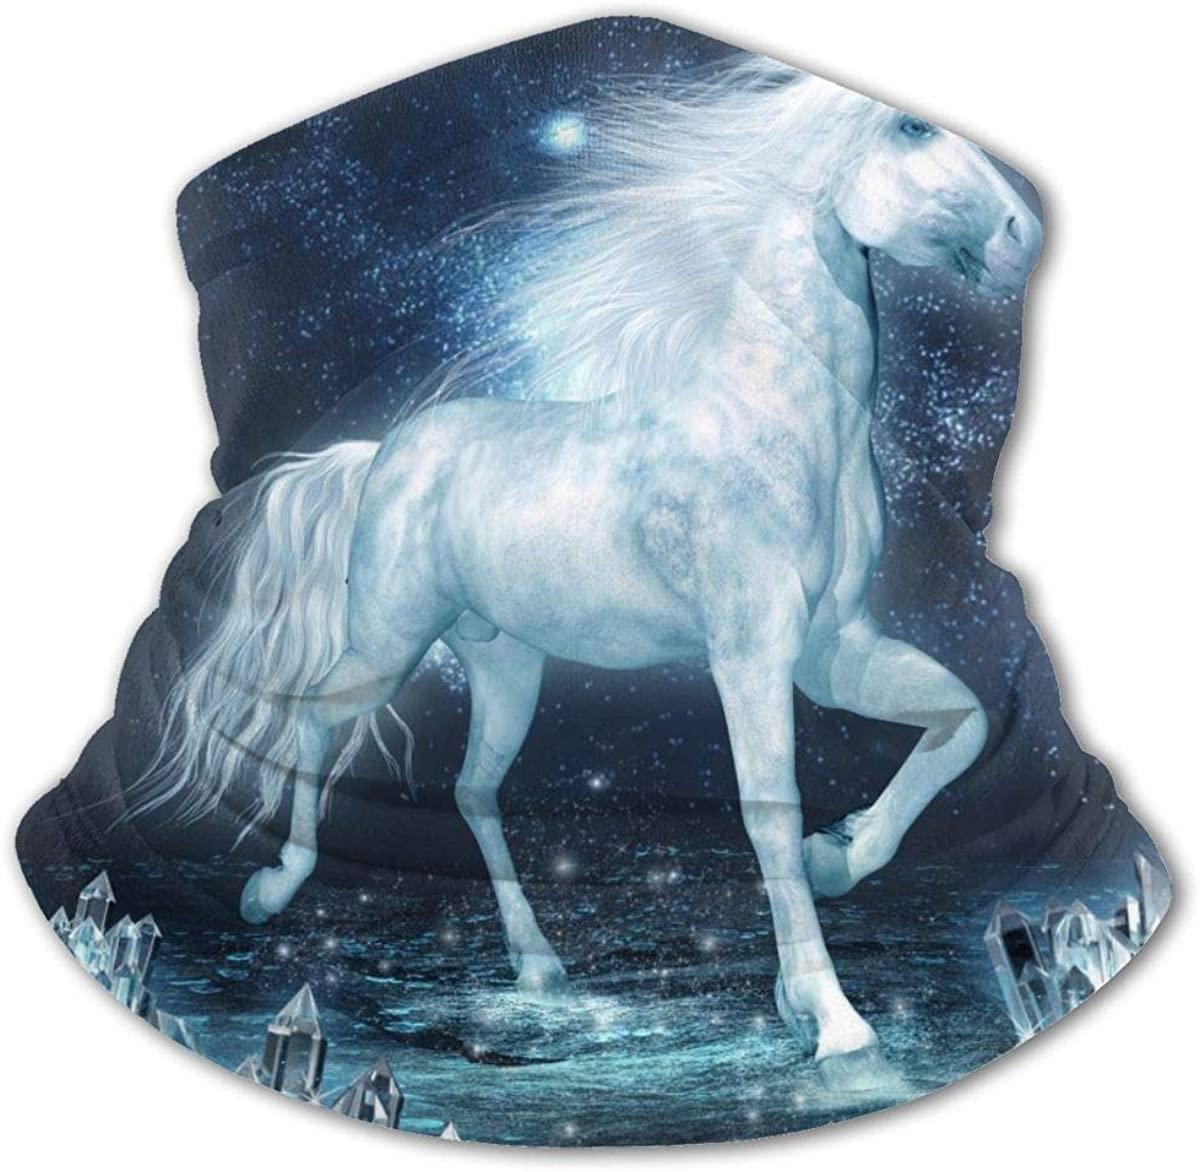 Crystal Unicorn Horse Face Mask Bandanas Uv Protection Dust Neck Gaiter Headband